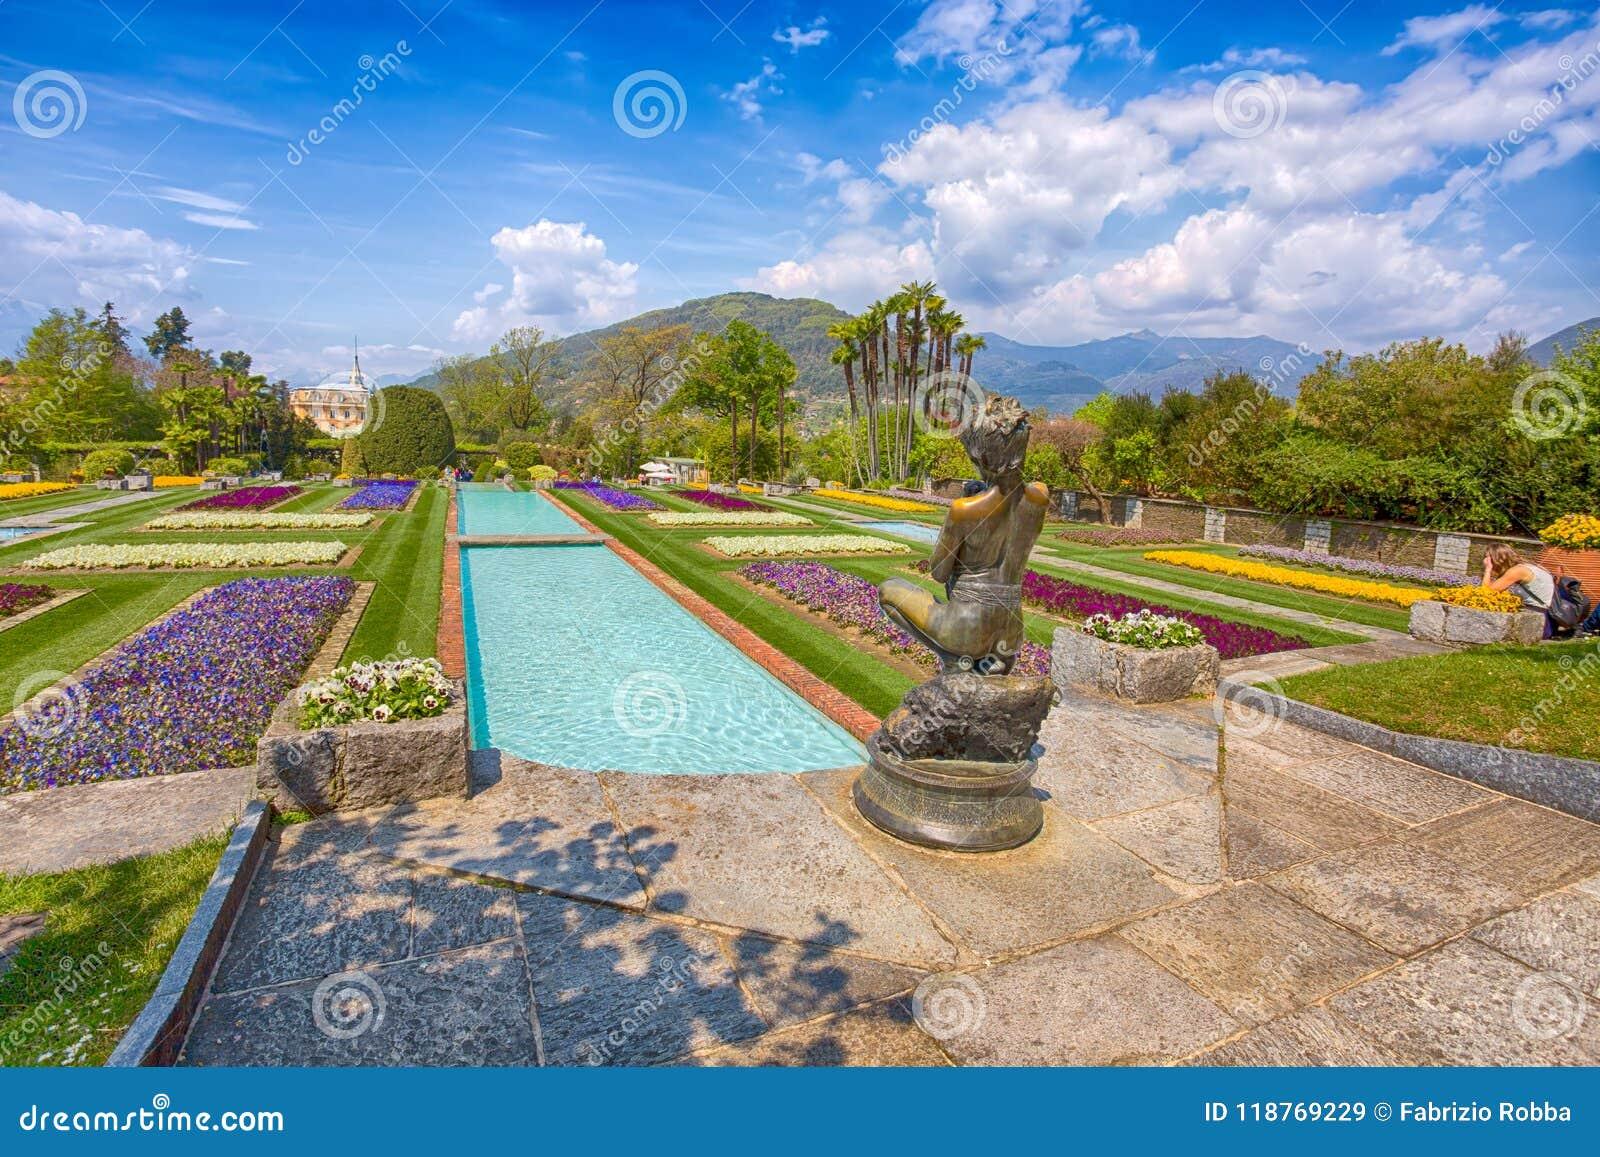 Ben noto Giardini A Terrazze Nel Giardino Botanico Della Villa Taranto In LM84